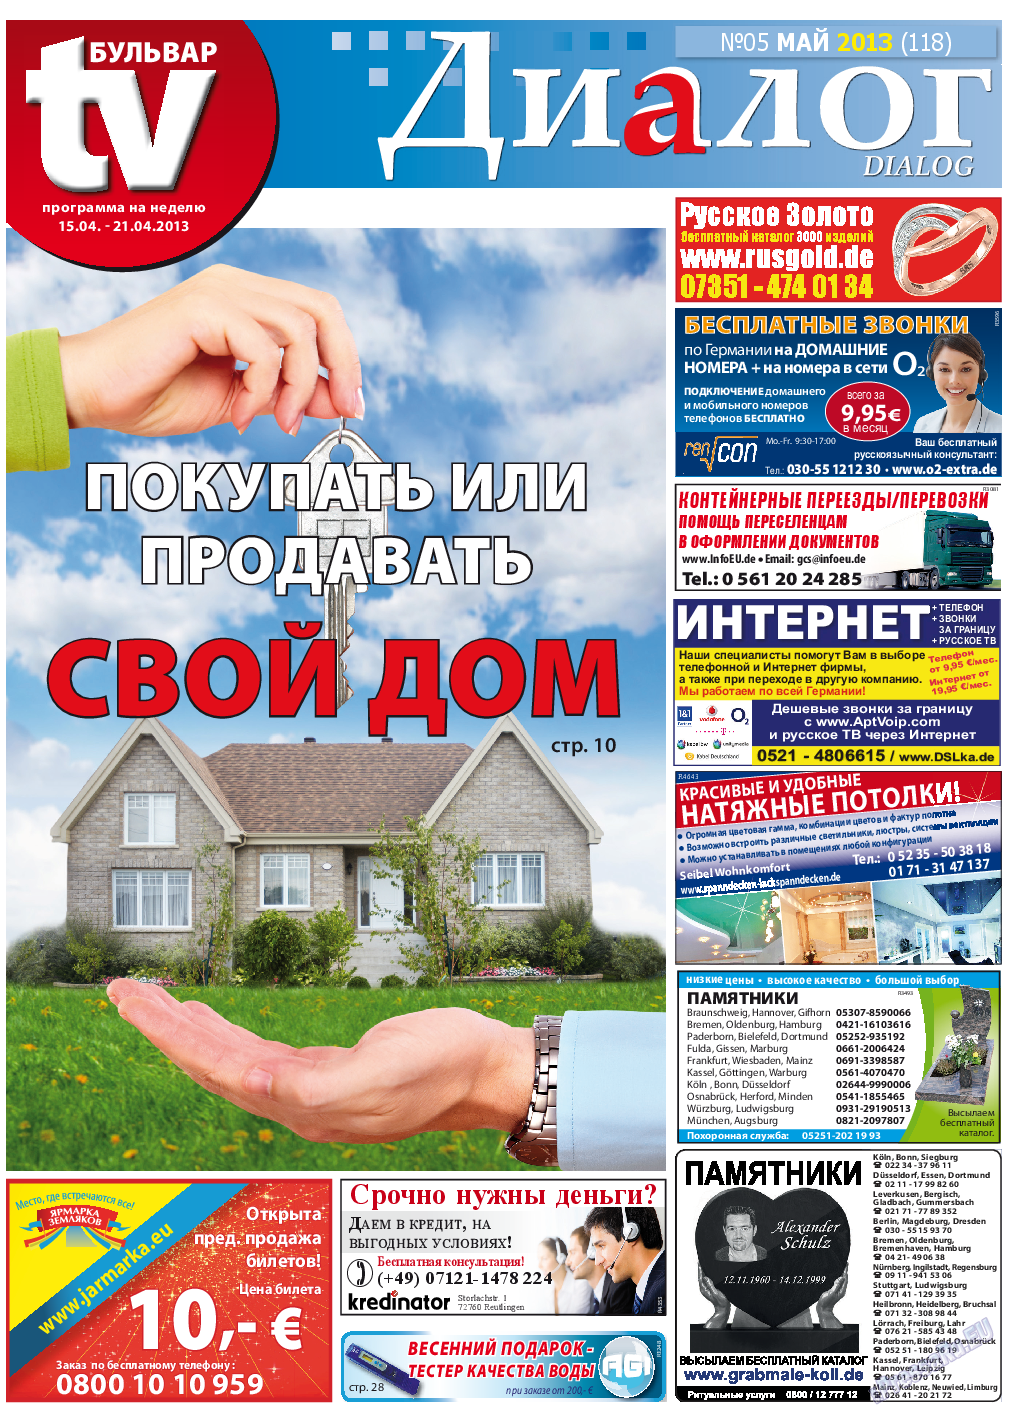 Диалог (газета). 2013 год, номер 5, стр. 1